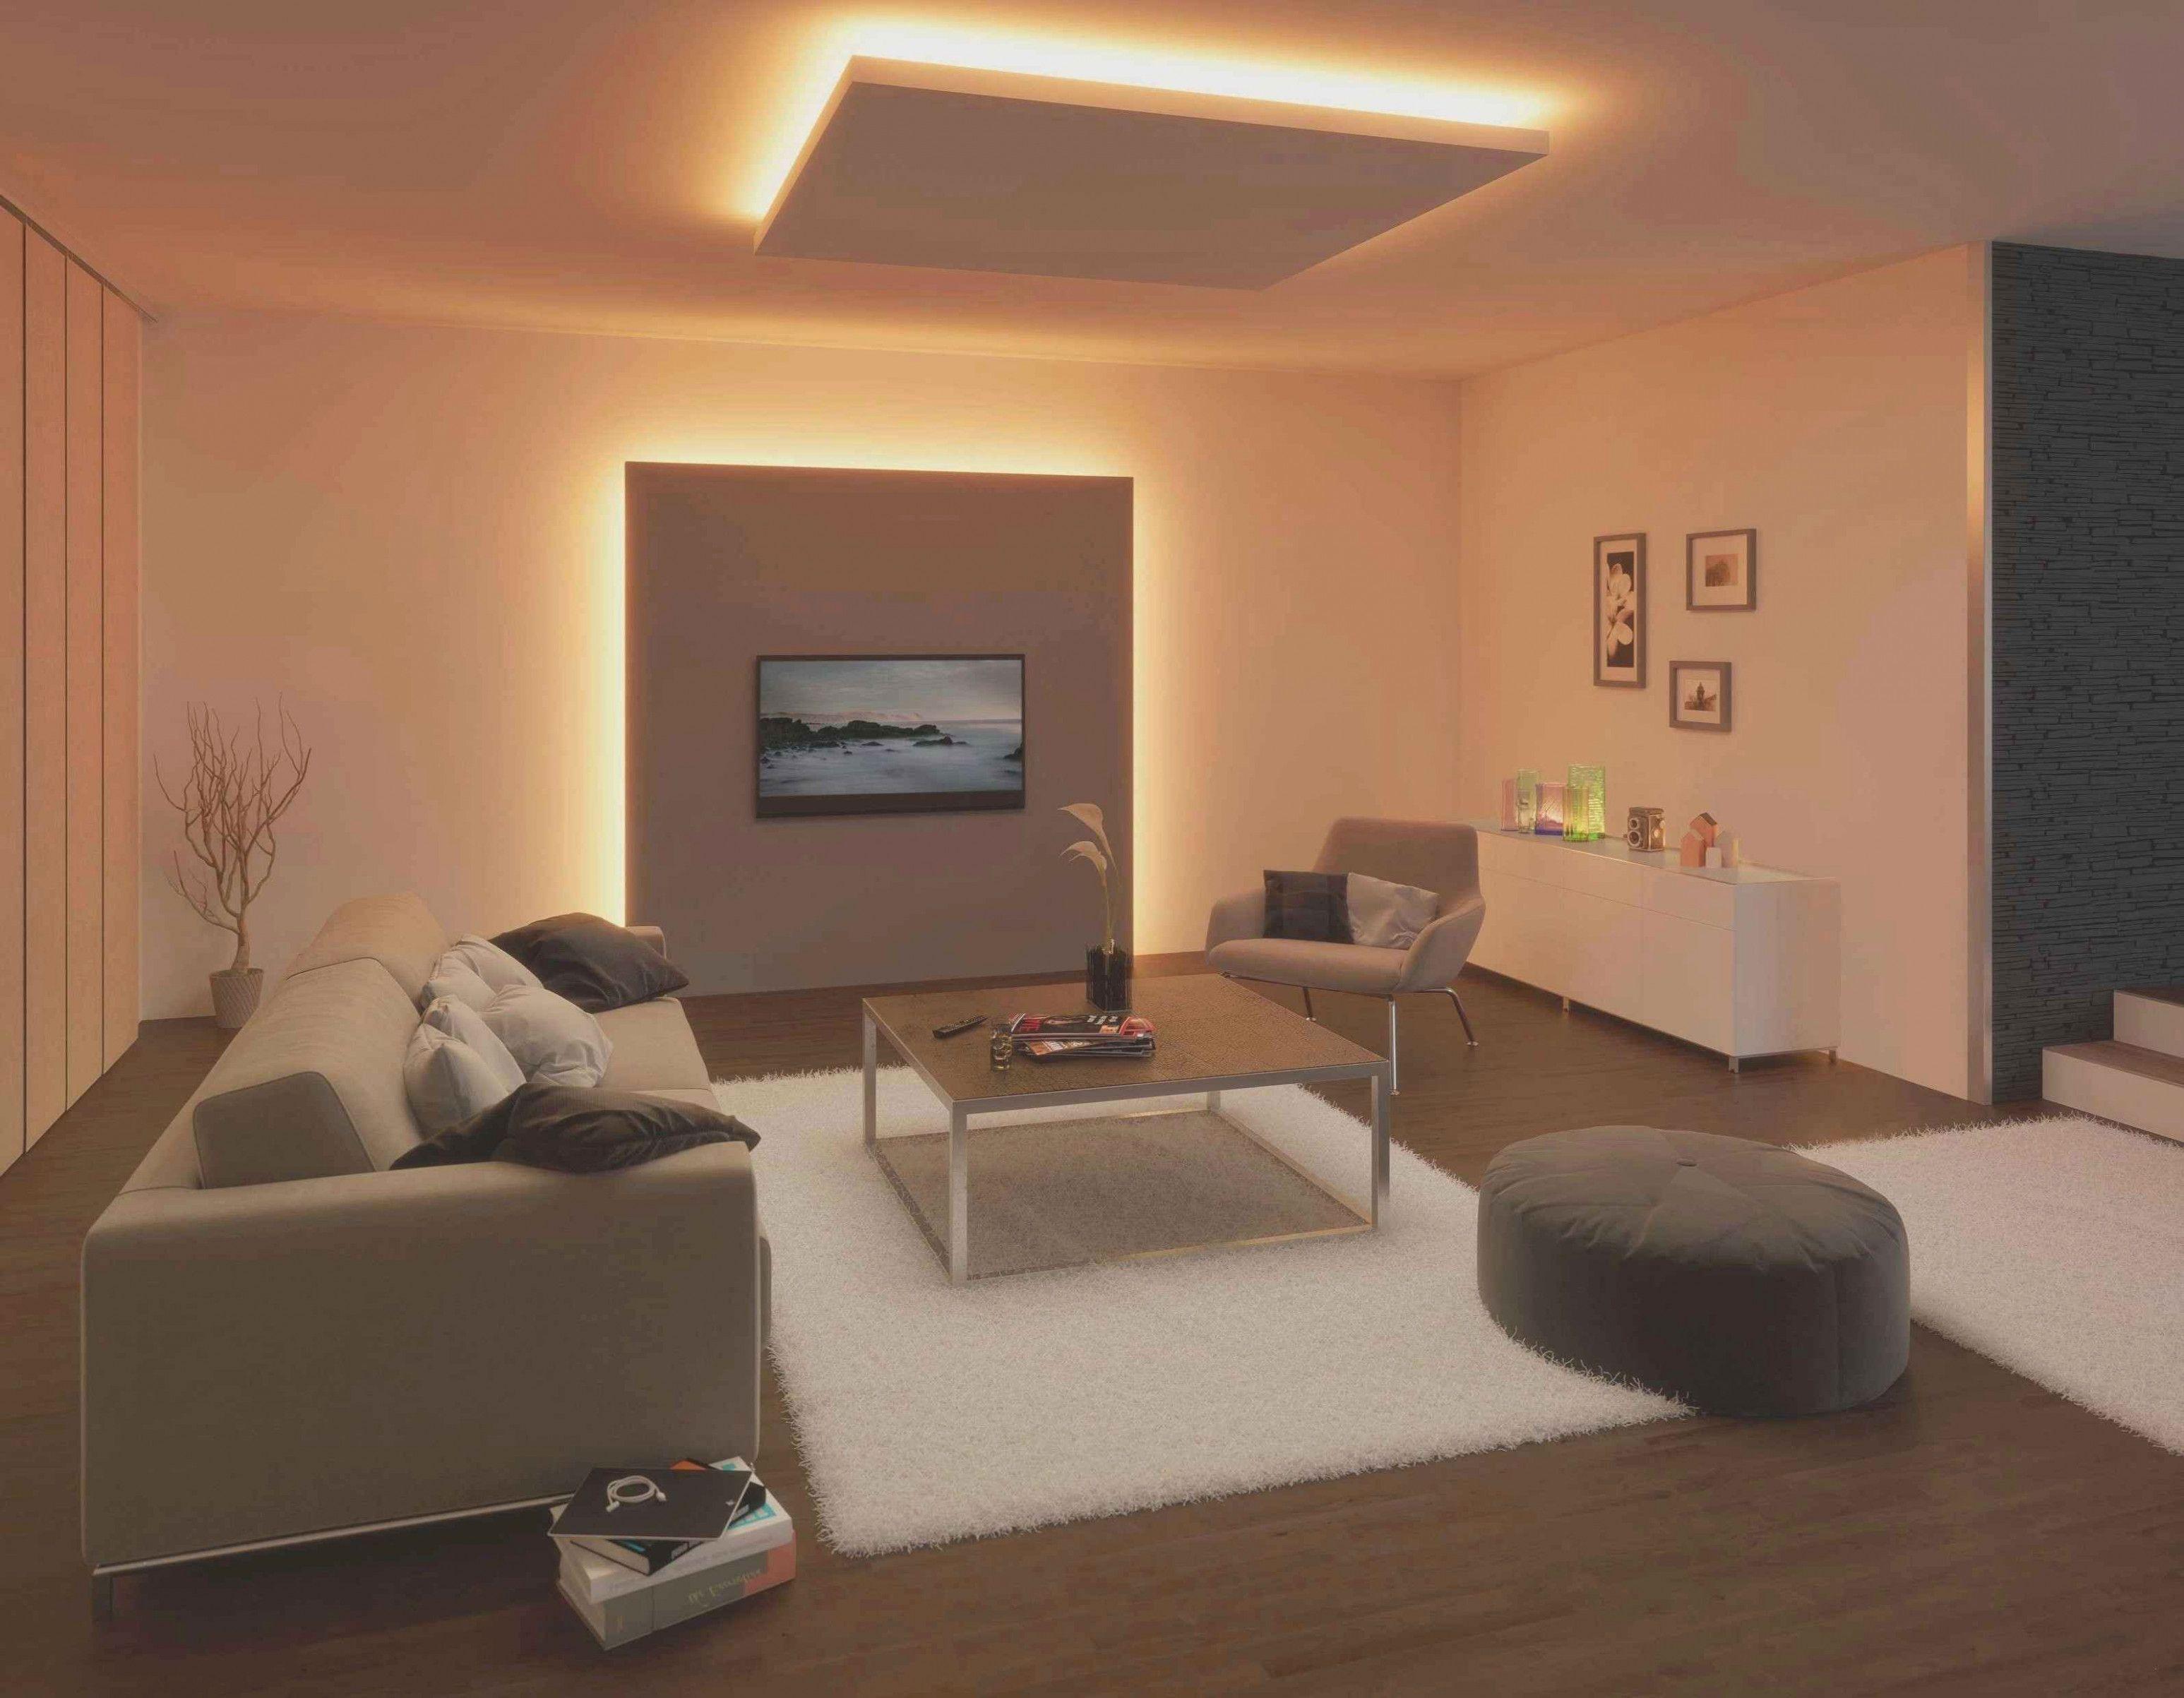 wohnzimmer lampen design | deckenbeleuchtung wohnzimmer